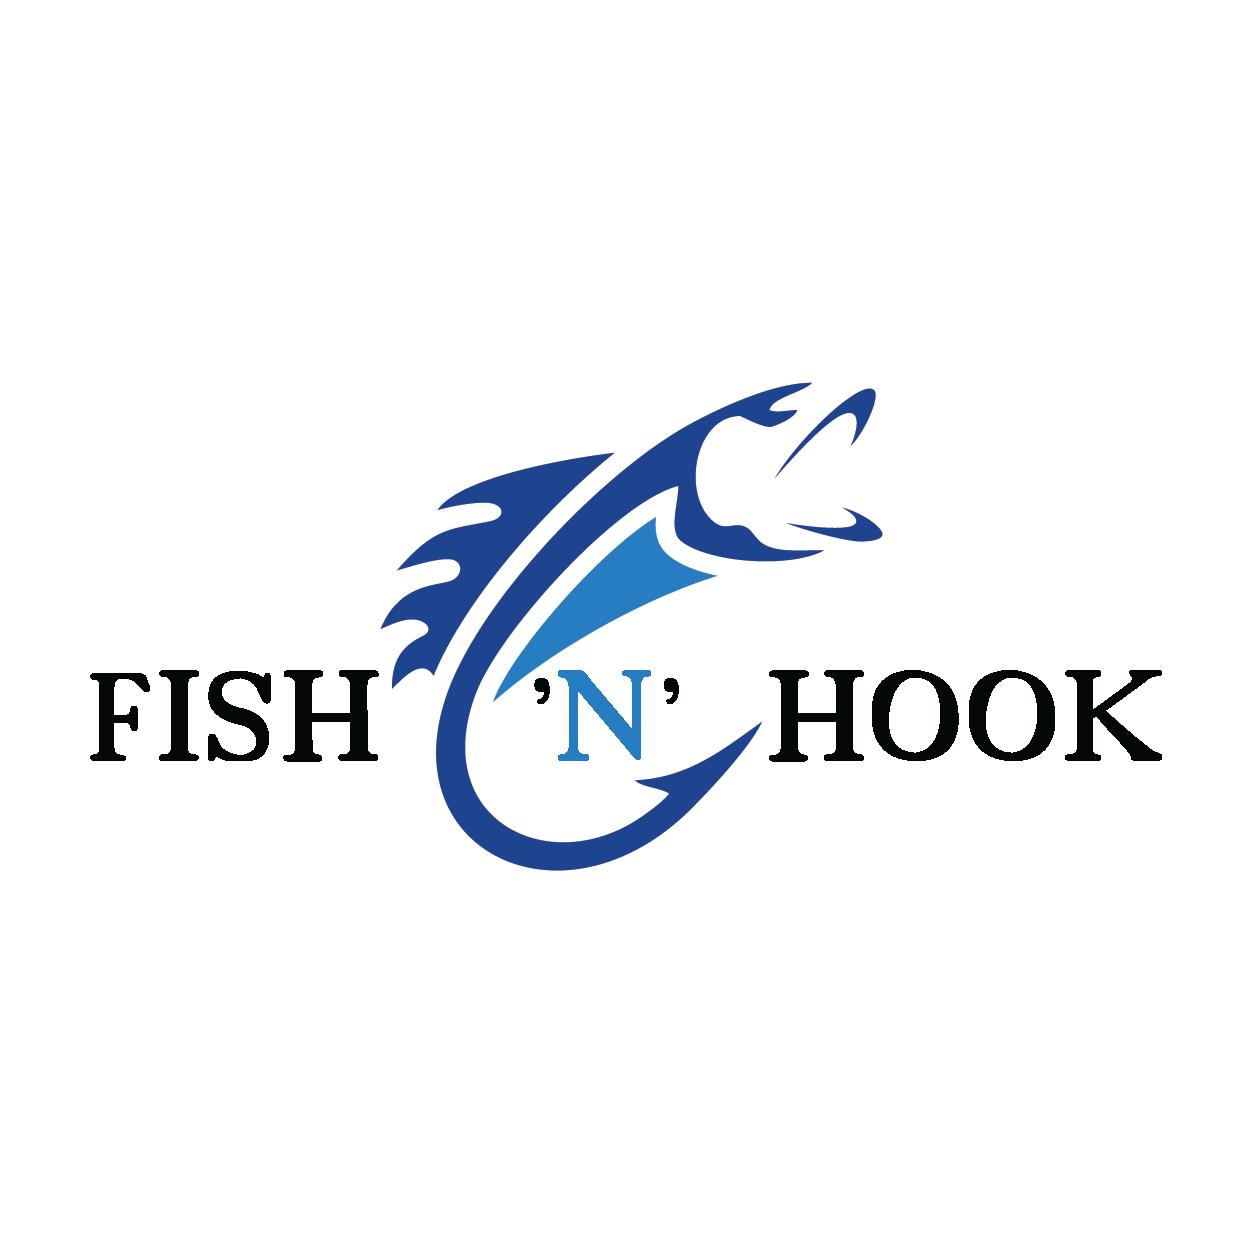 Fish 'N' Hook